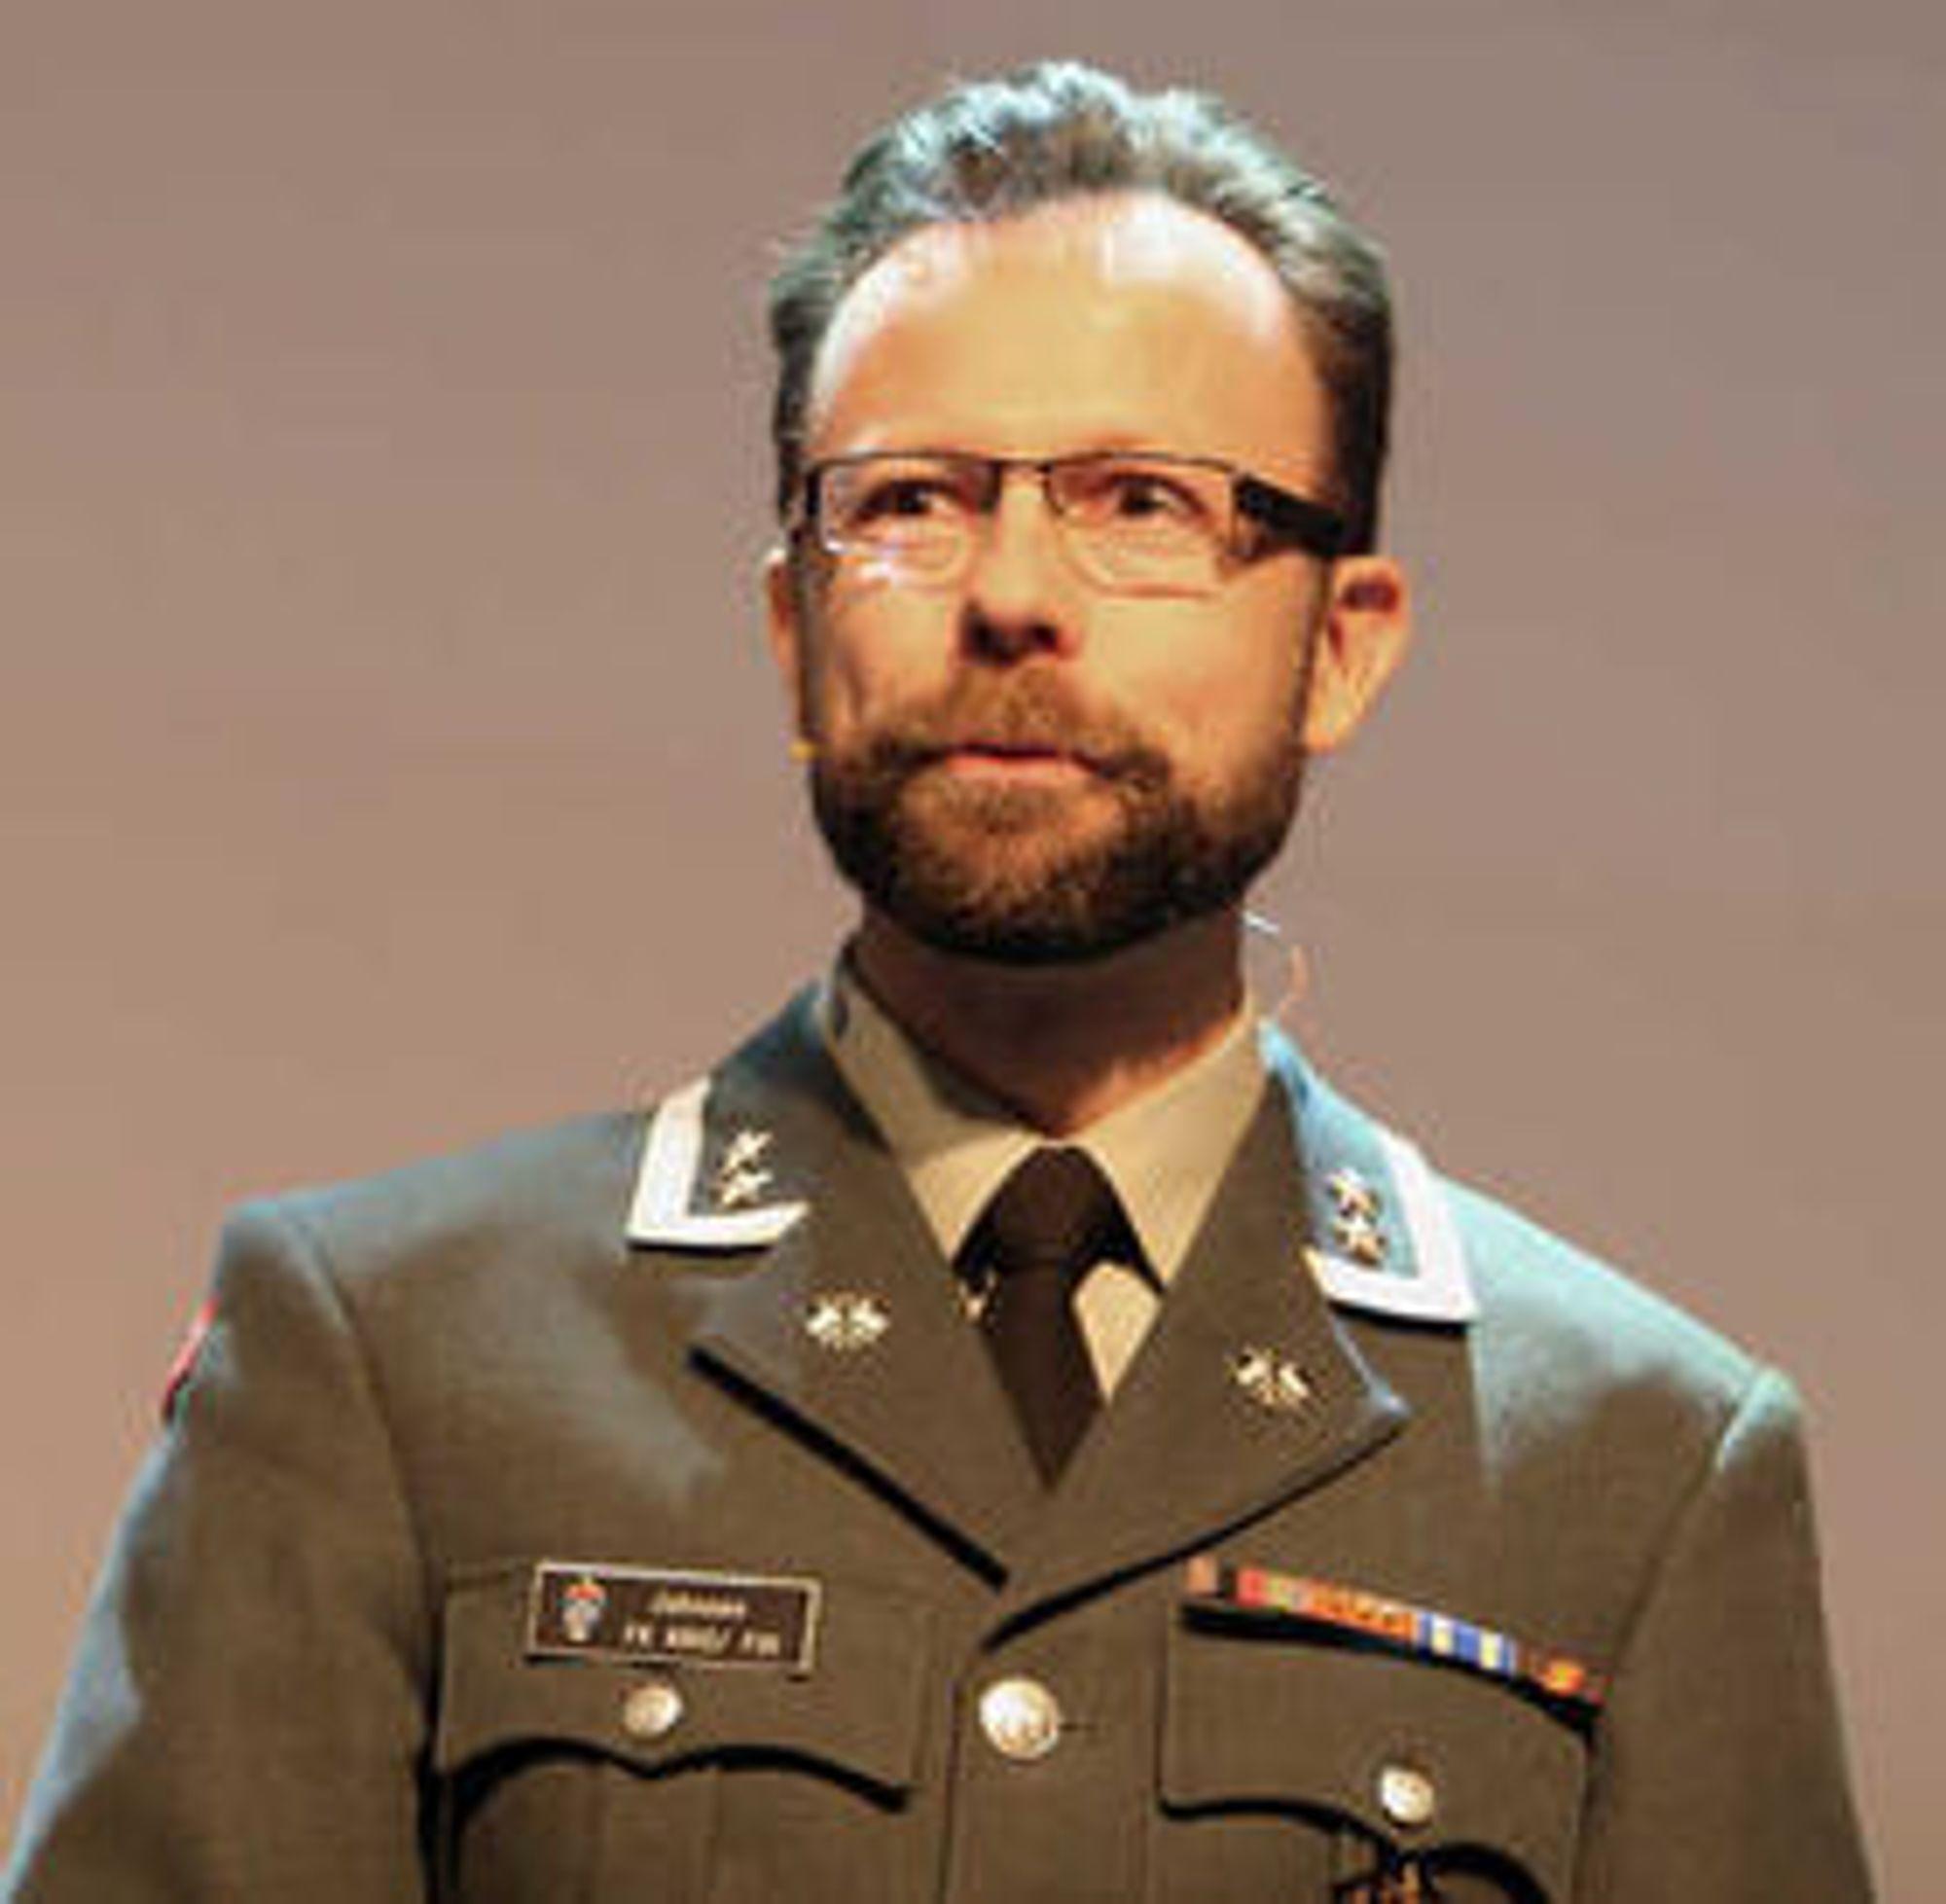 Roger Johnsen er sjef for Forsvarets Ingeniørhøgskole og har de siste ti årene arbeidet med bekjempelse av datanettverksangrep og kyberoperasjoner.